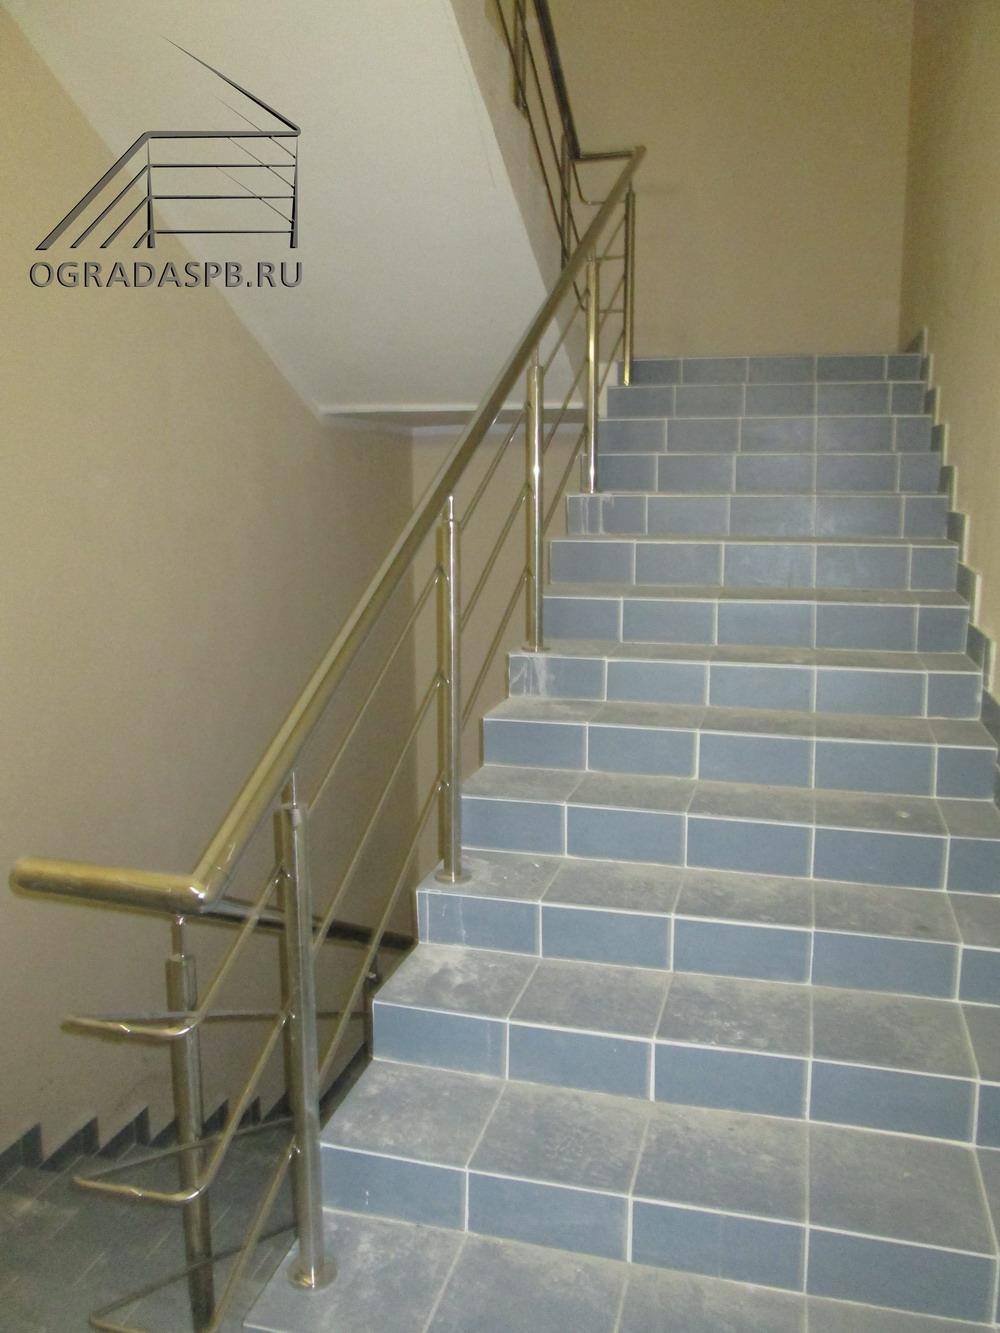 Перила для лестницы с леерами